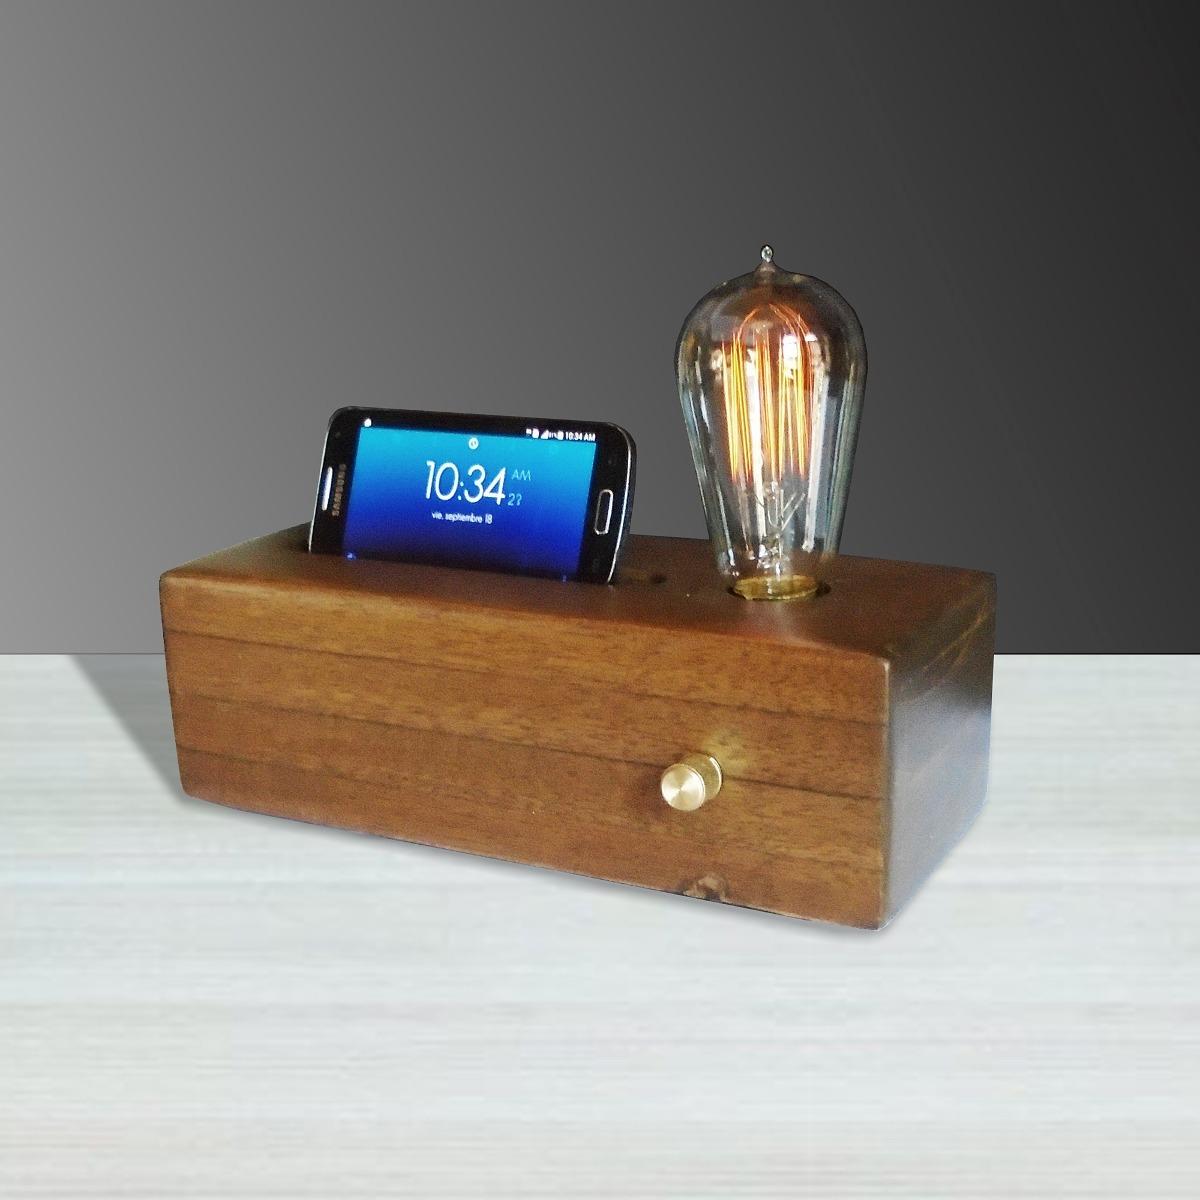 Lampara de mesa porta celular nogal minimalista vintage - Lamparas para mesa de estudio ...